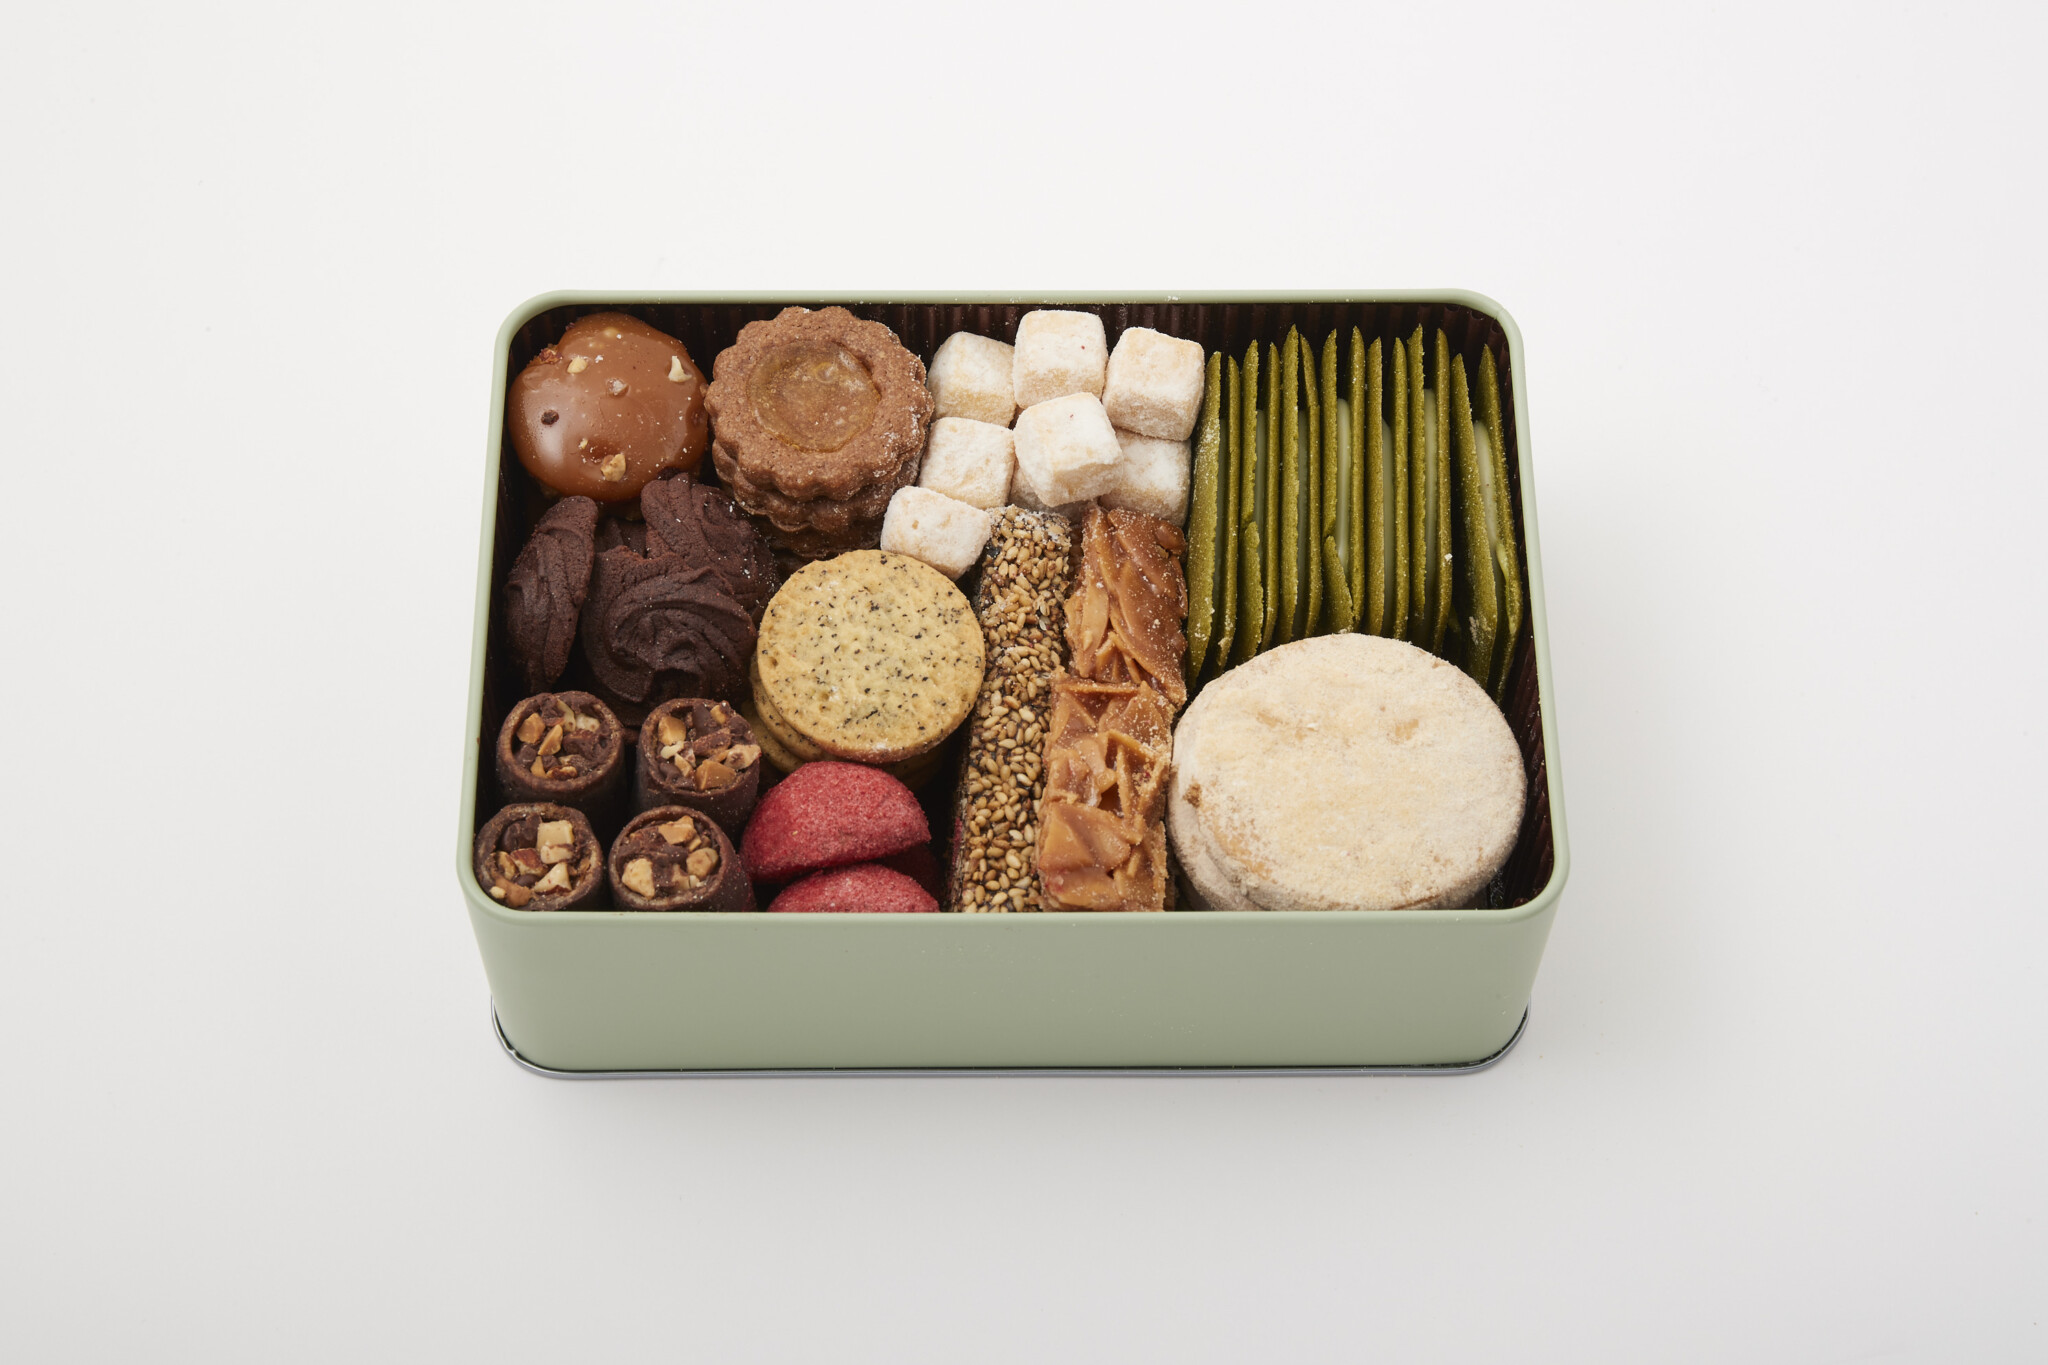 食のプロ・ツレヅレハナコさんの鉄板お菓子ギフト4選!ビジネス手土産にもぴったり。